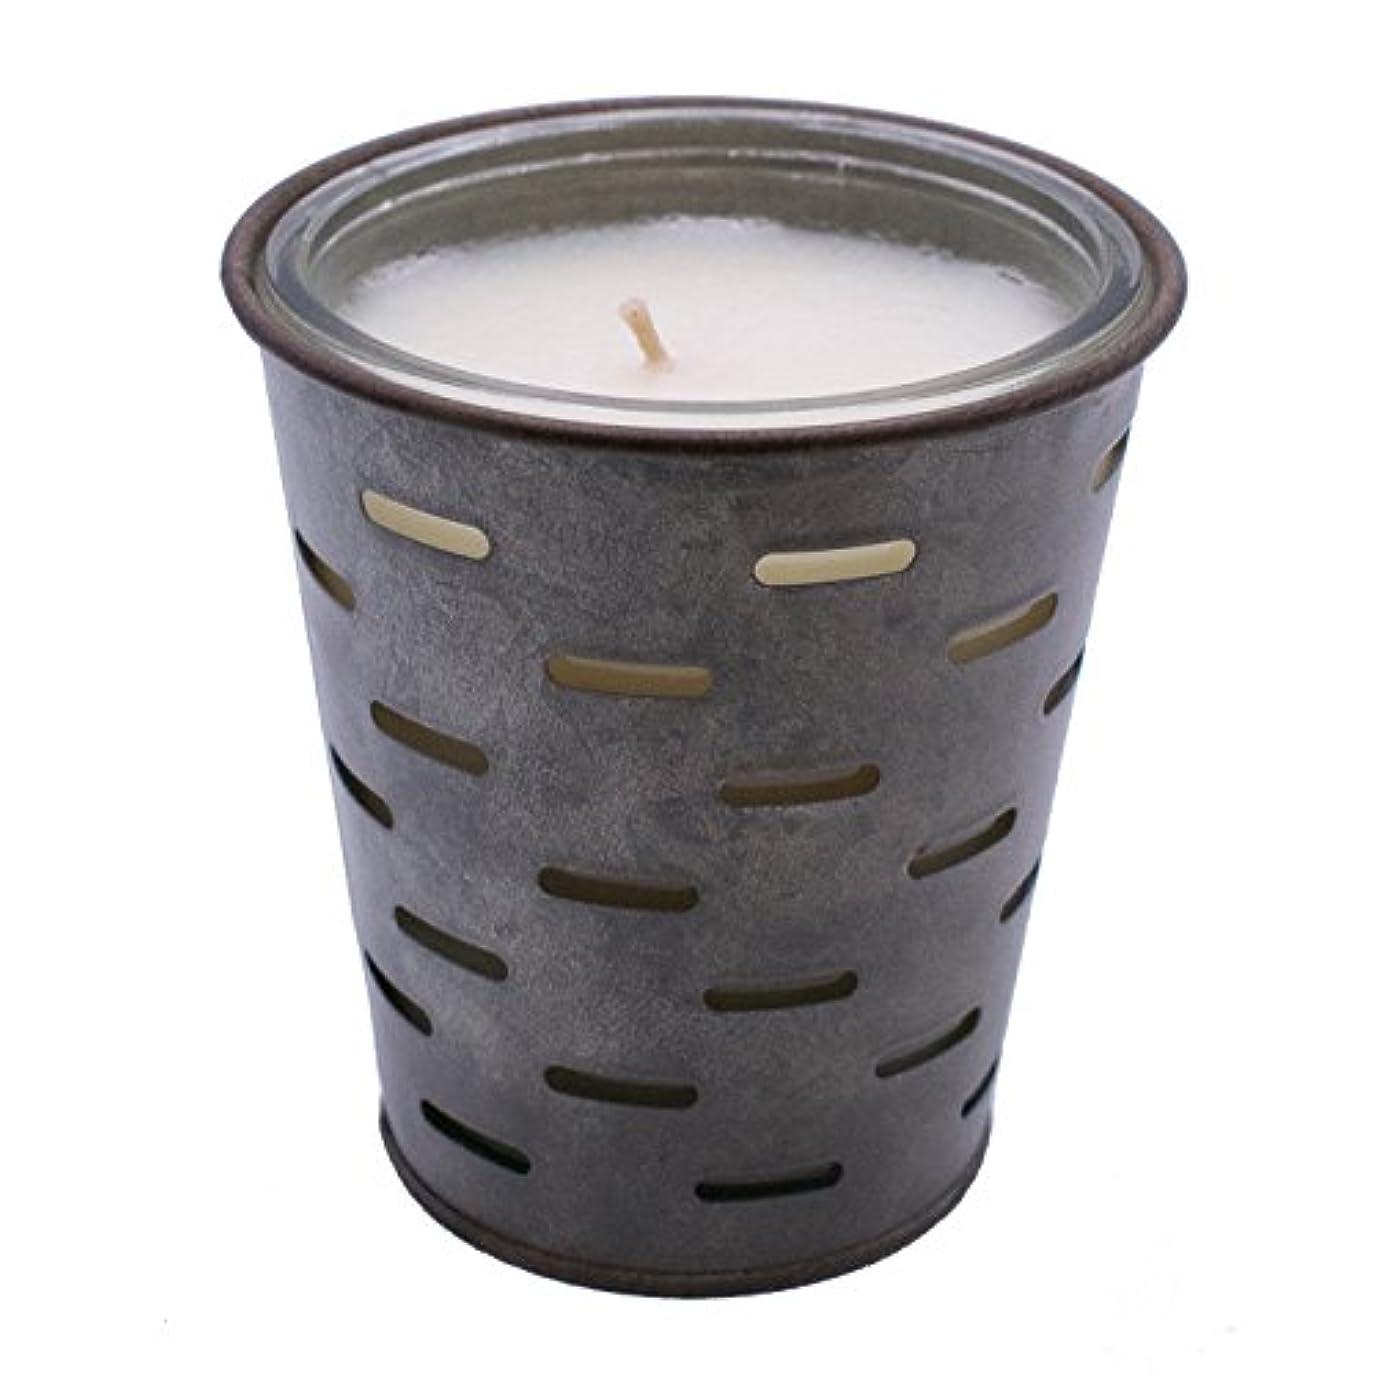 懺悔まだ役に立たないSweetオリーブ、オリーブバケットFragrance Candle優れ、香り、ガラスJar in Tin Pot亜鉛メッキ、13oz